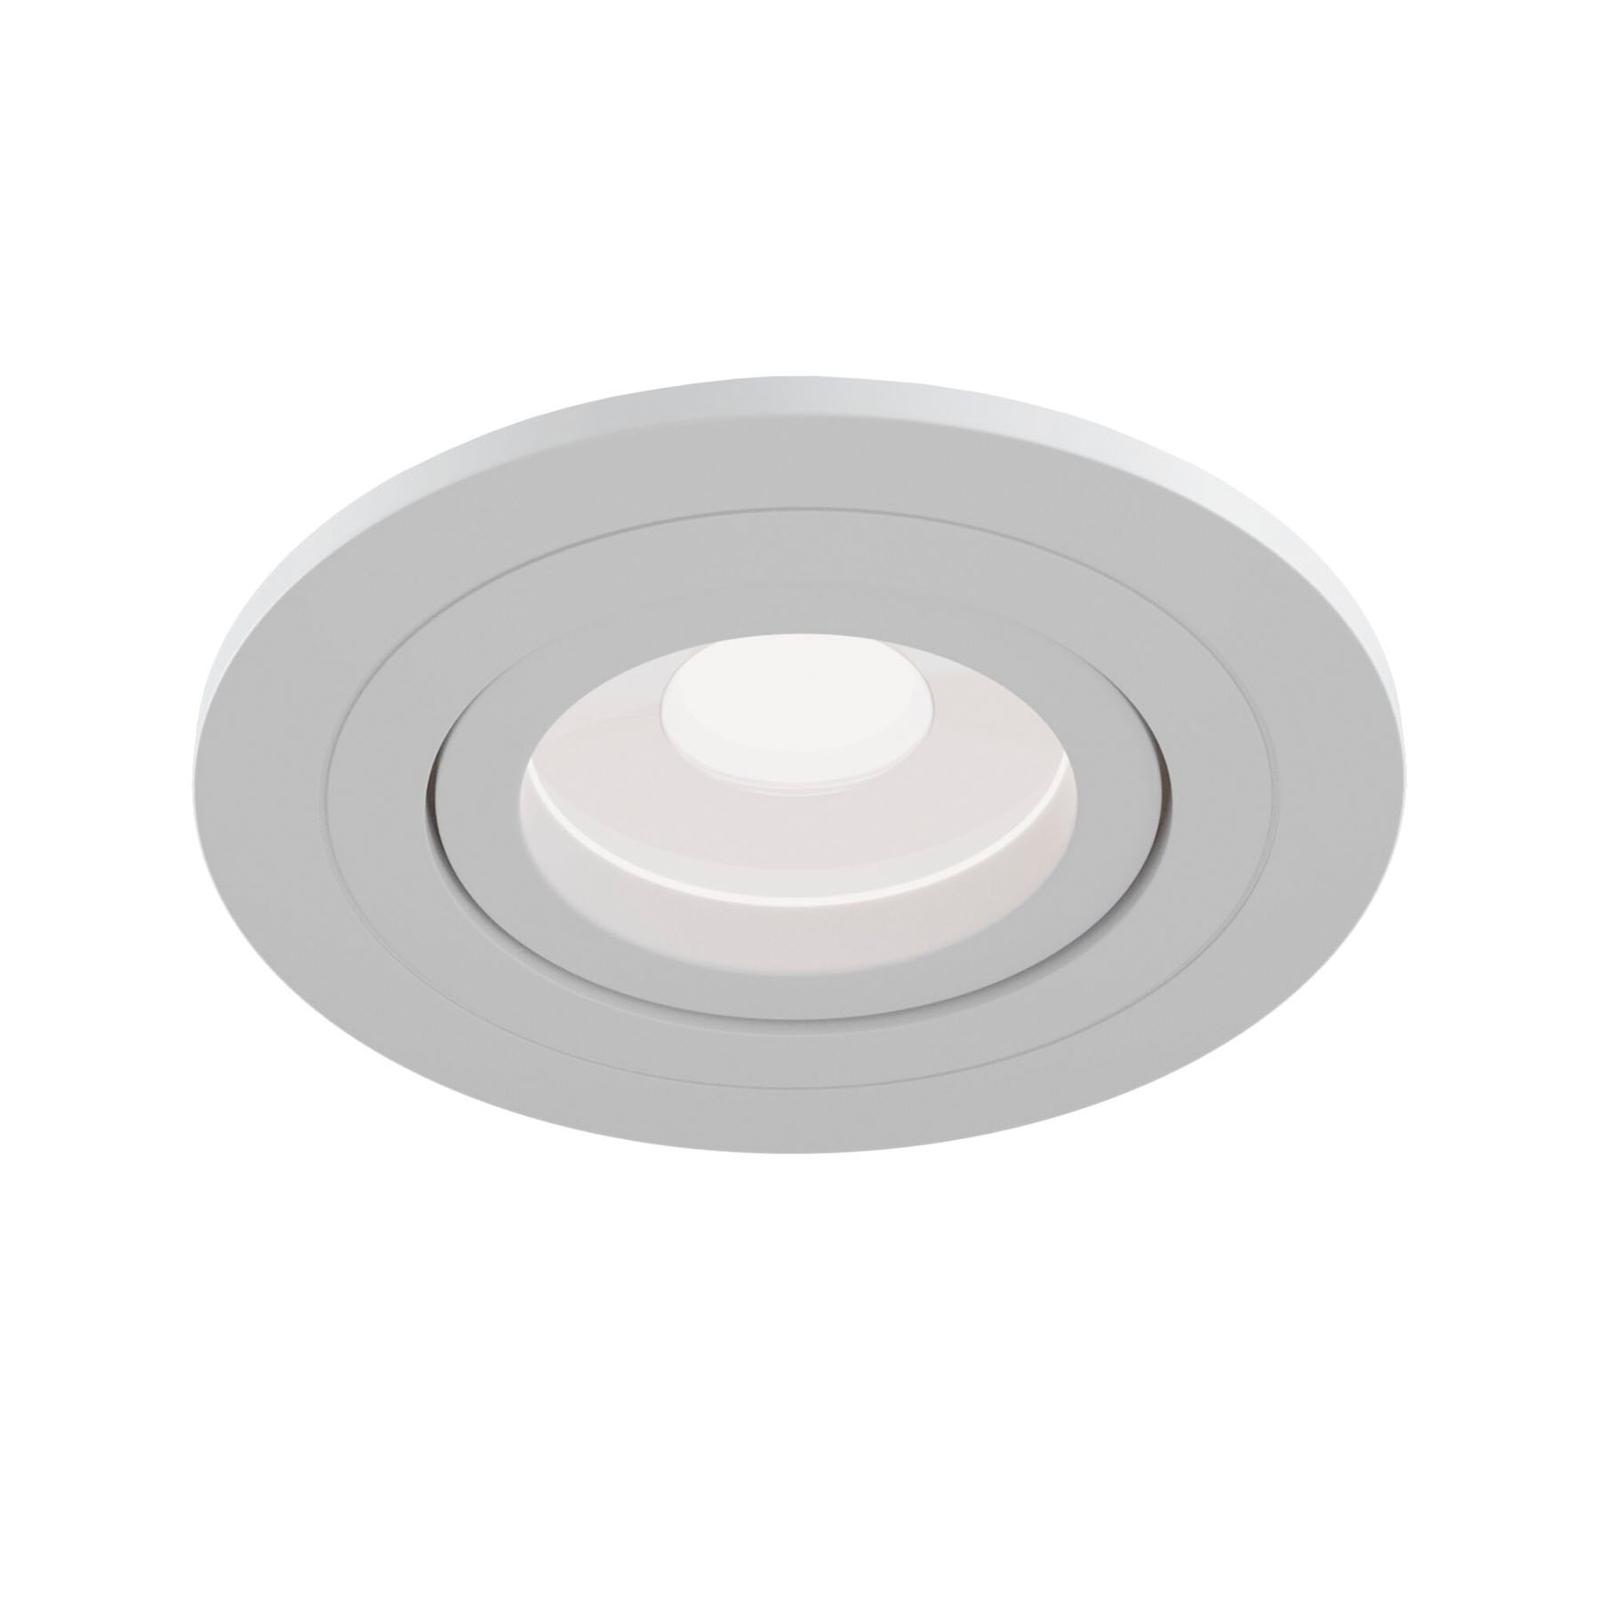 Einbaustrahler Atom, GU10, weiß, runder Rahmen